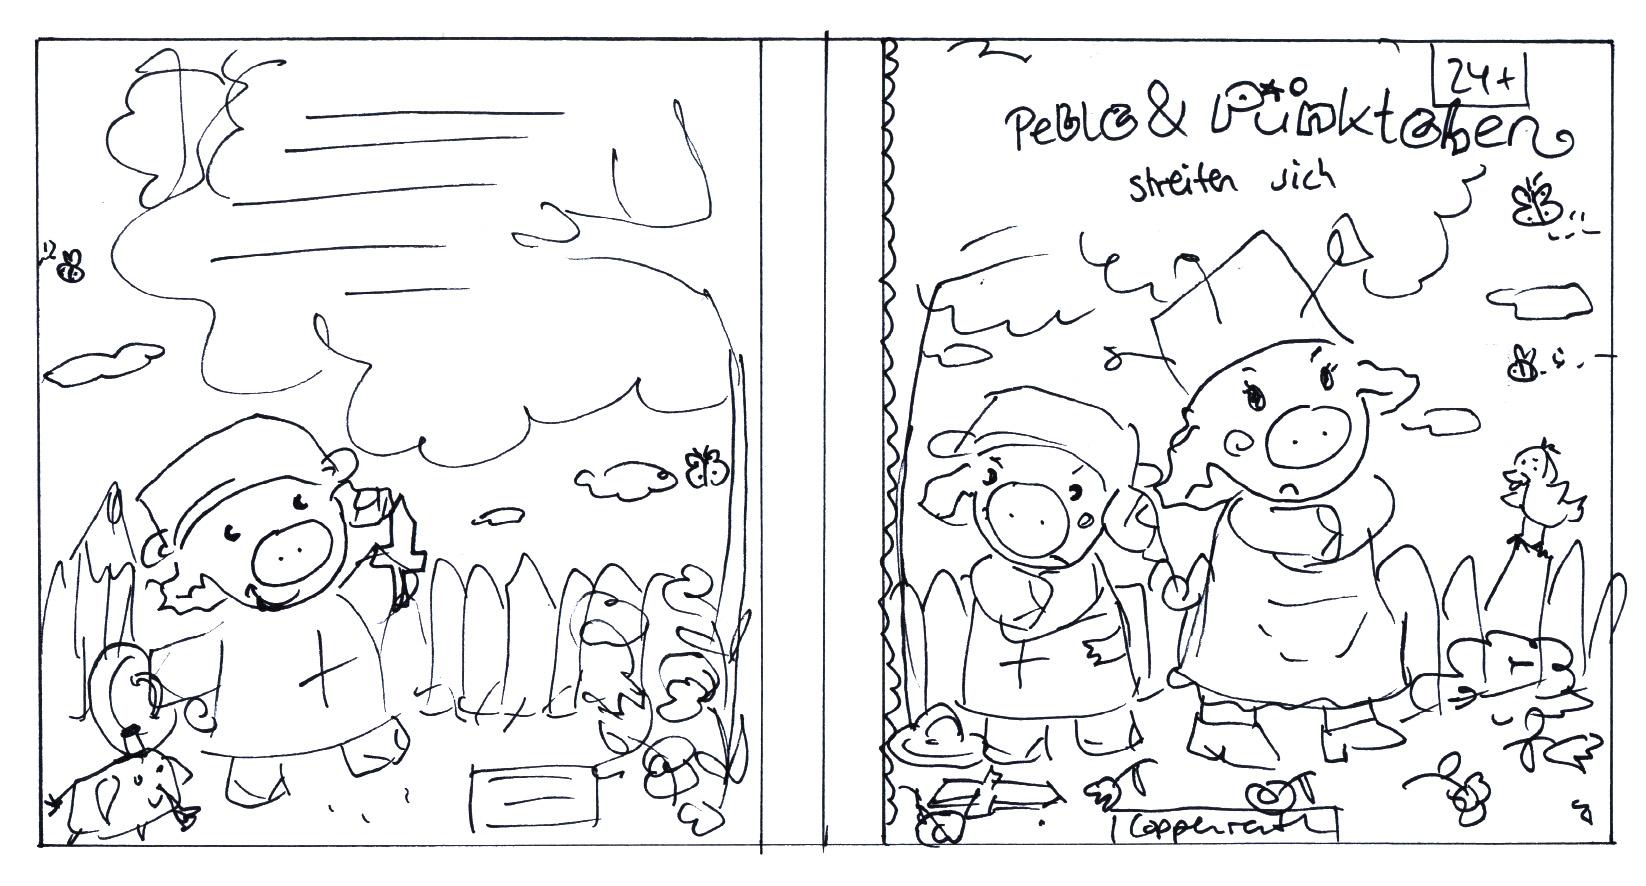 Pelle_und_Pünktchen_streiten_und_vertragen_sich_Cover_Skizze.jpg